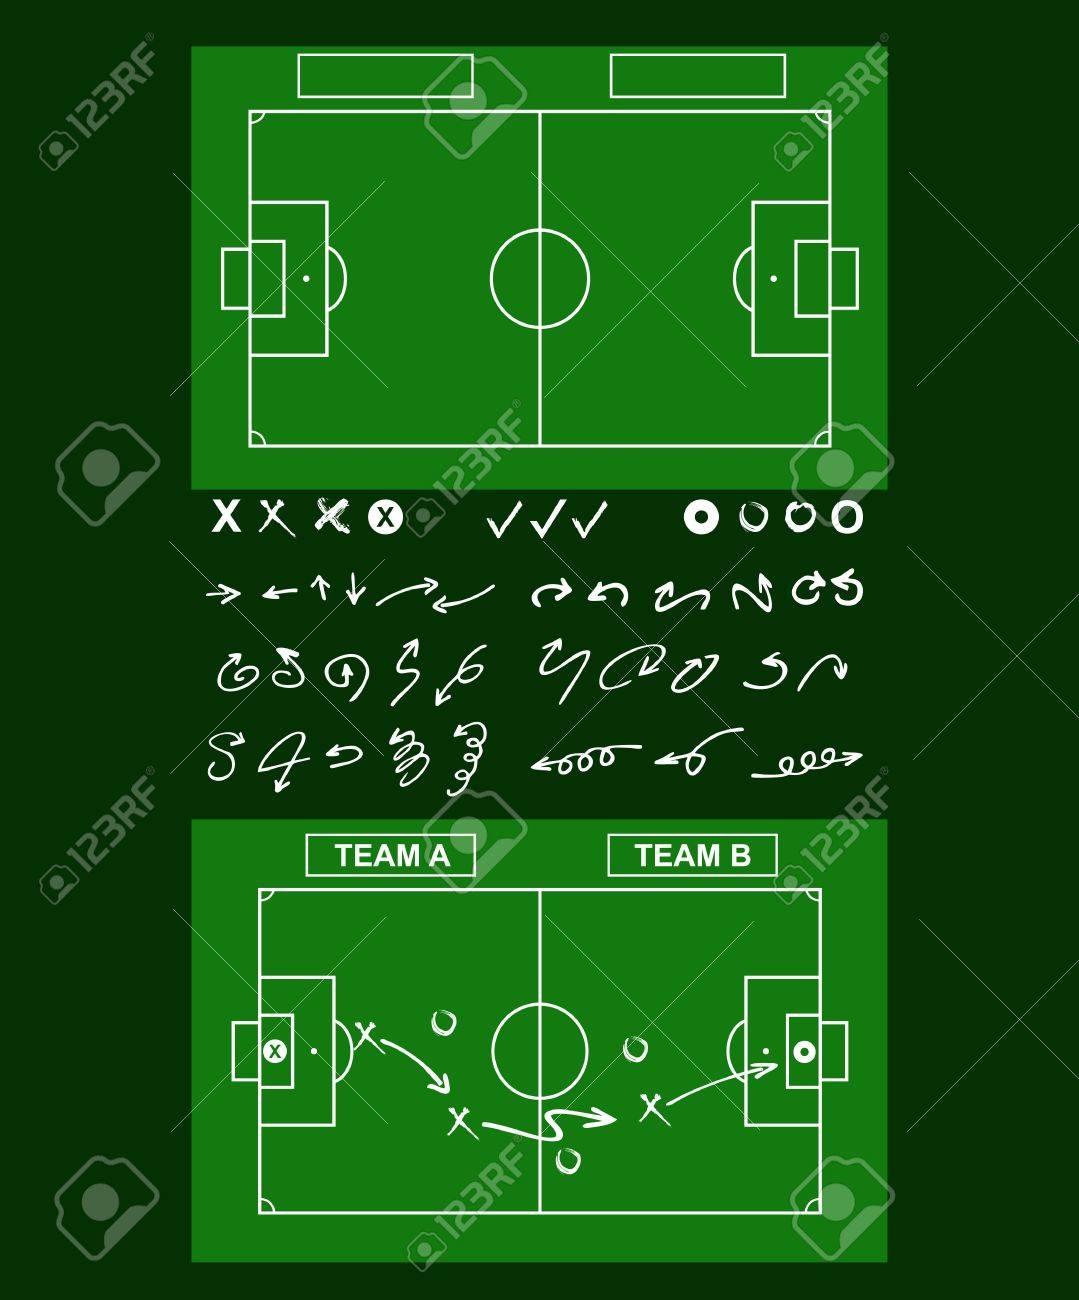 Tactics diagram on a board tools of soccer tactics strategy board banco de imagens tactics diagram on a board tools of soccer tactics strategy board ccuart Gallery